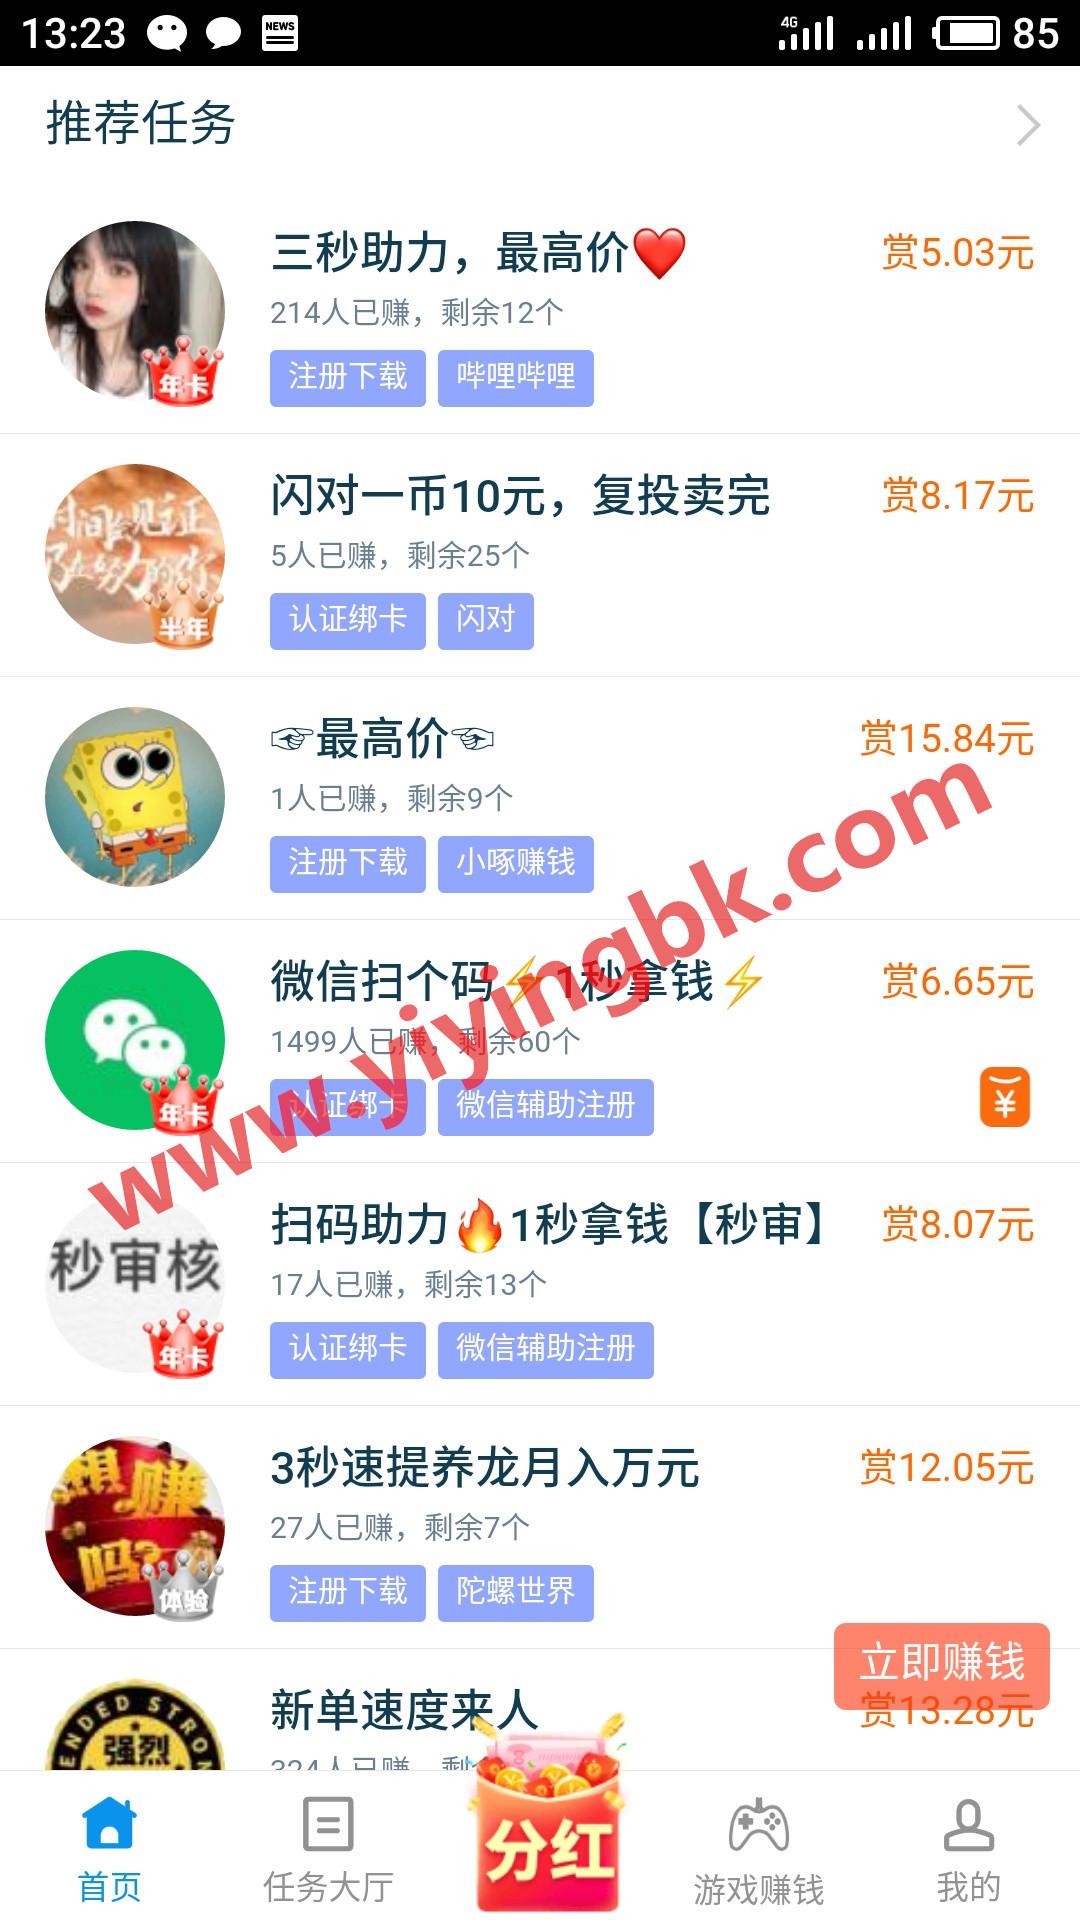 手机免费做任务赚钱,微信和支付宝提现秒到账,www.yiyingbk.com